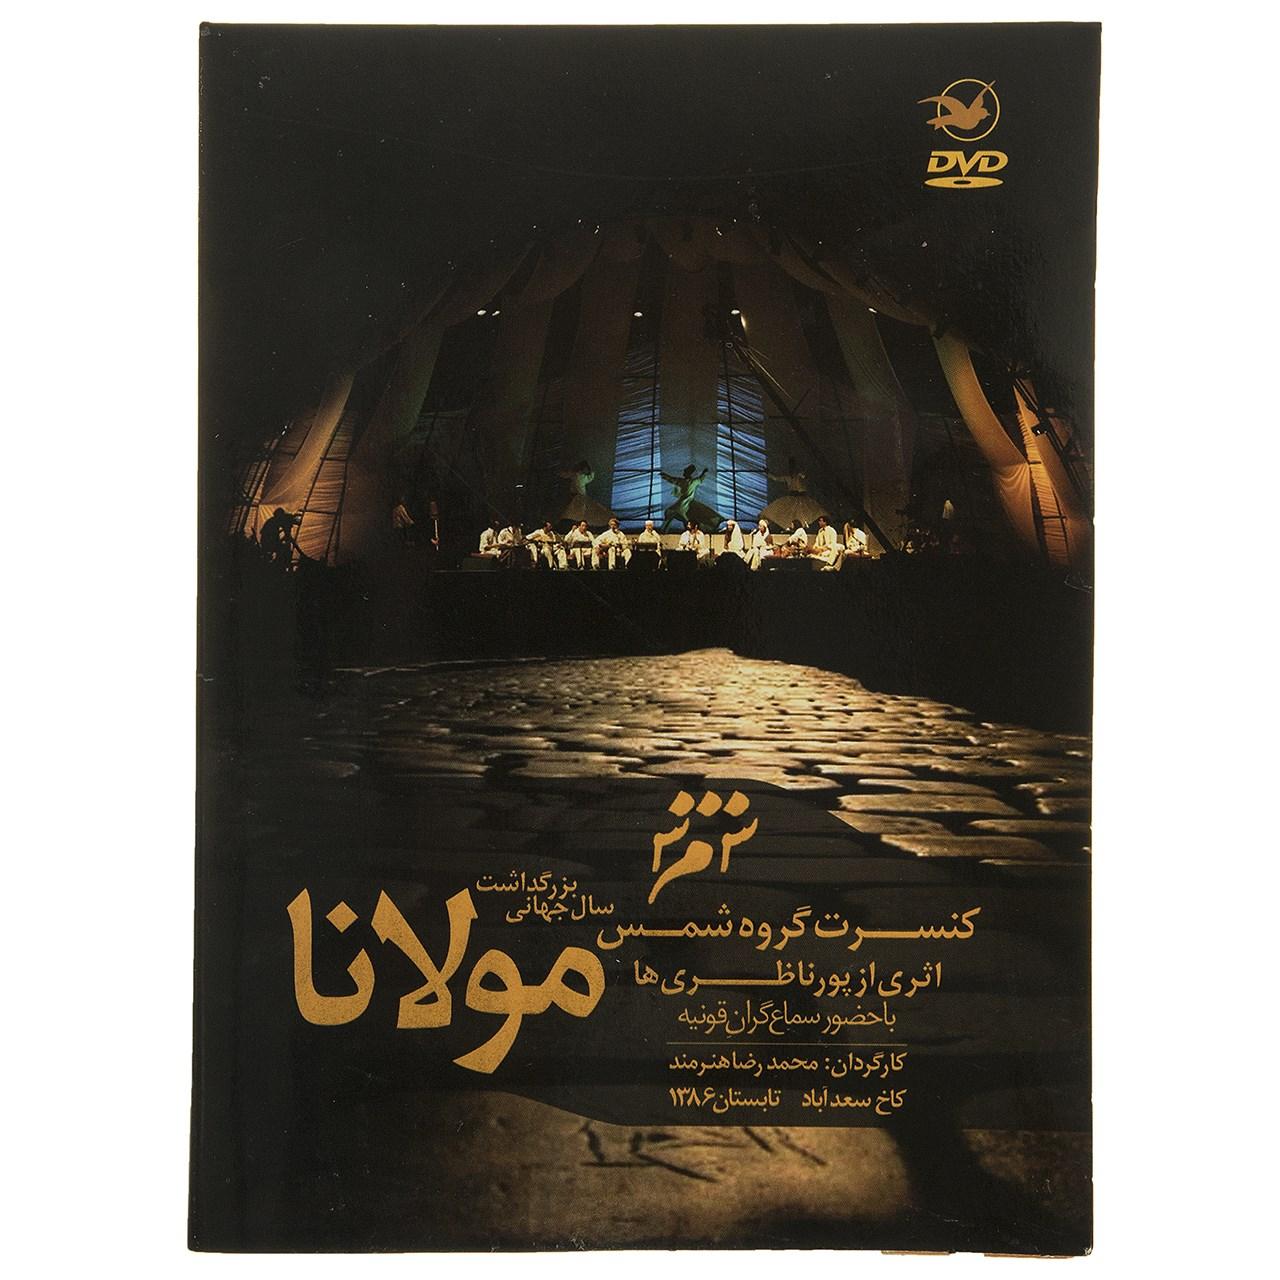 کنسرت گروه شمس اثر پورناظری ها